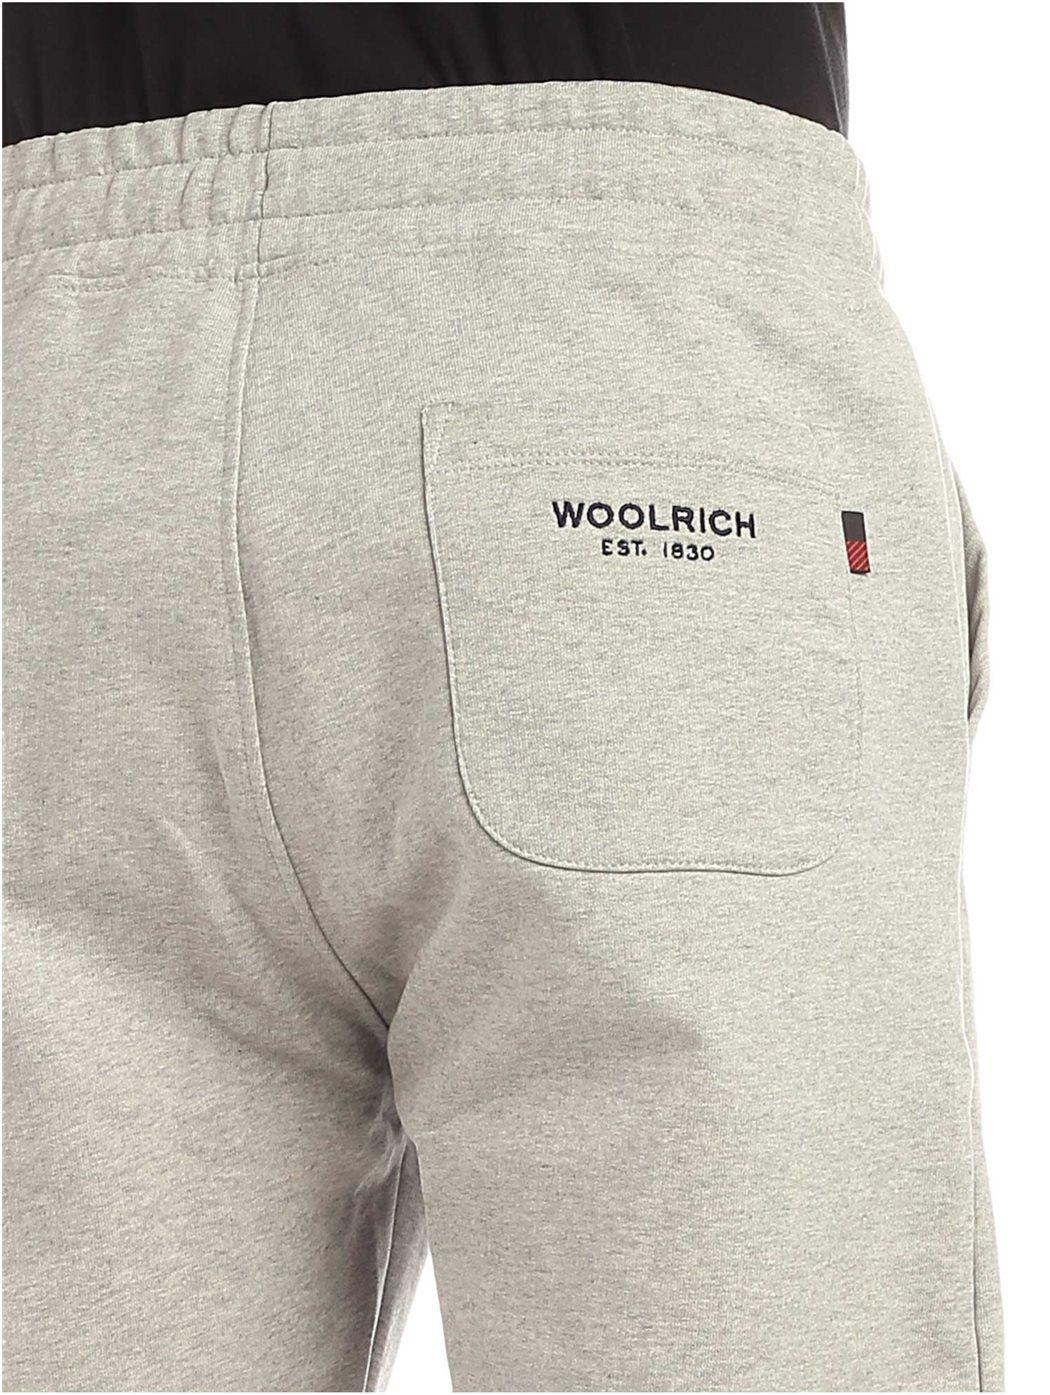 WOOLRICH wotr0081mr 103 T-SHIRT